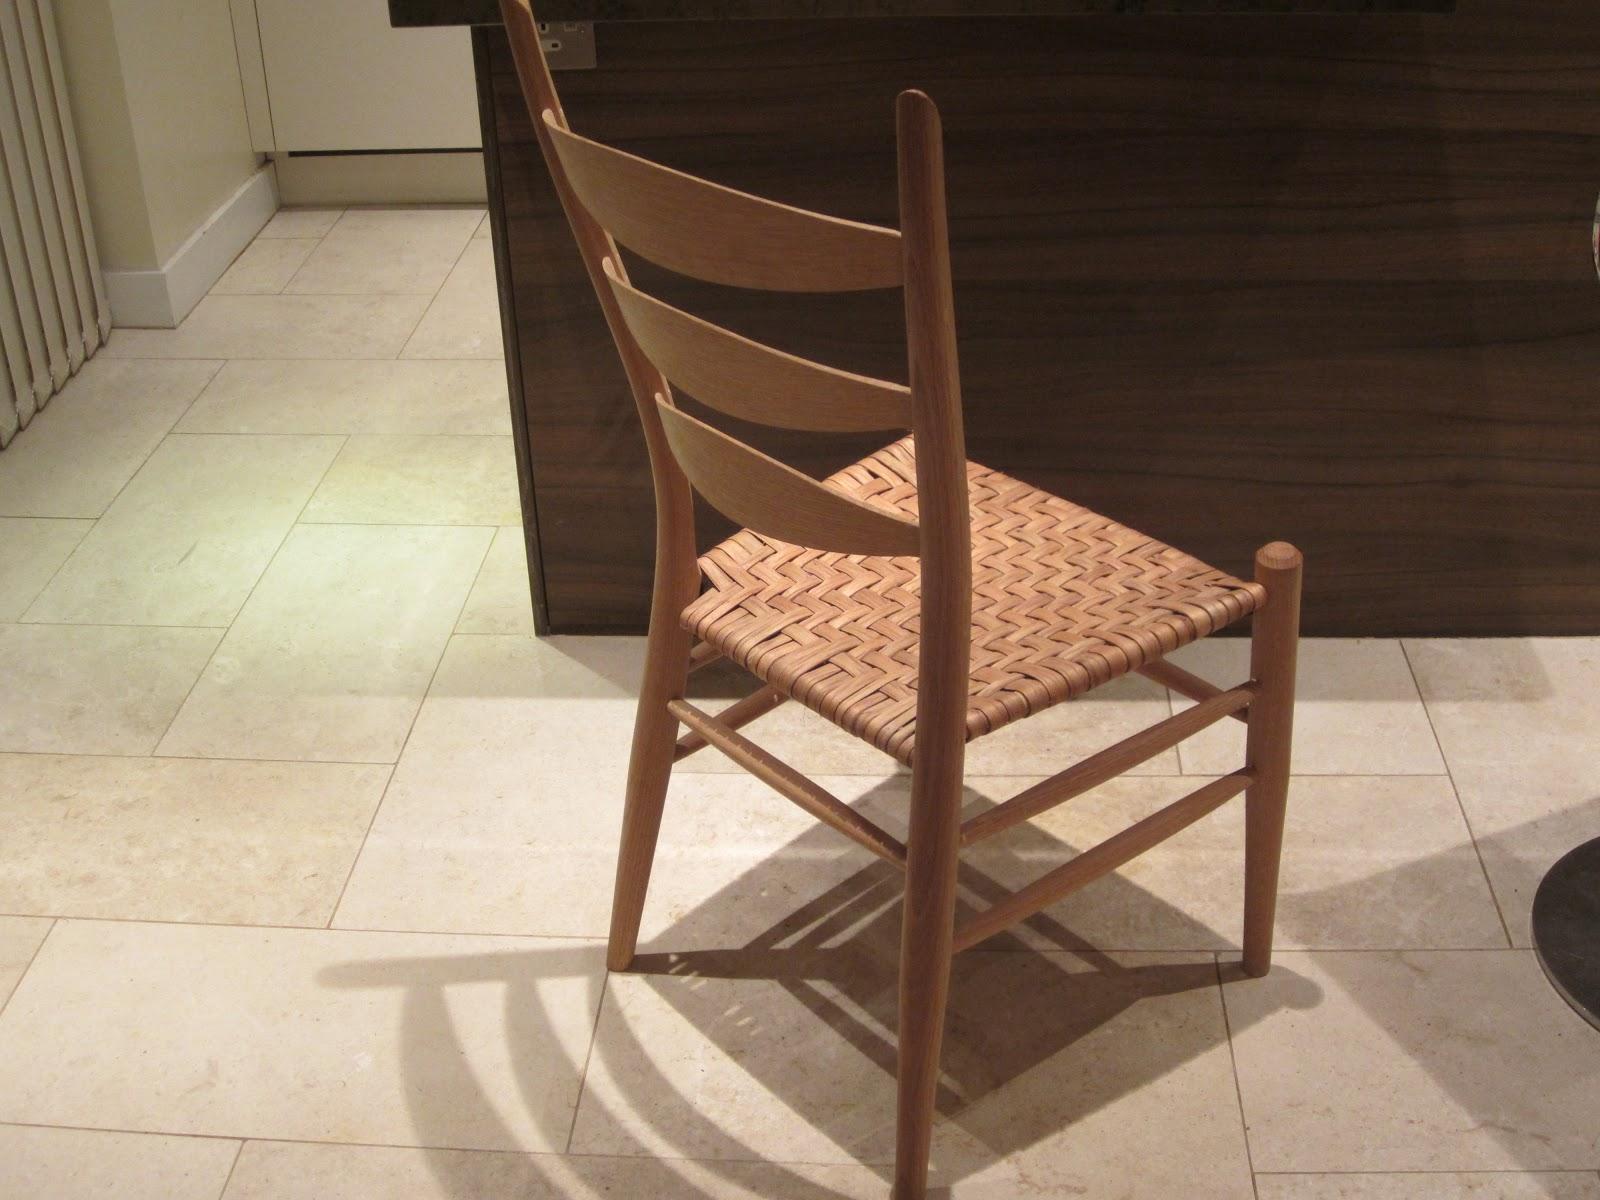 David Barron Furniture Brian Boggs Chair